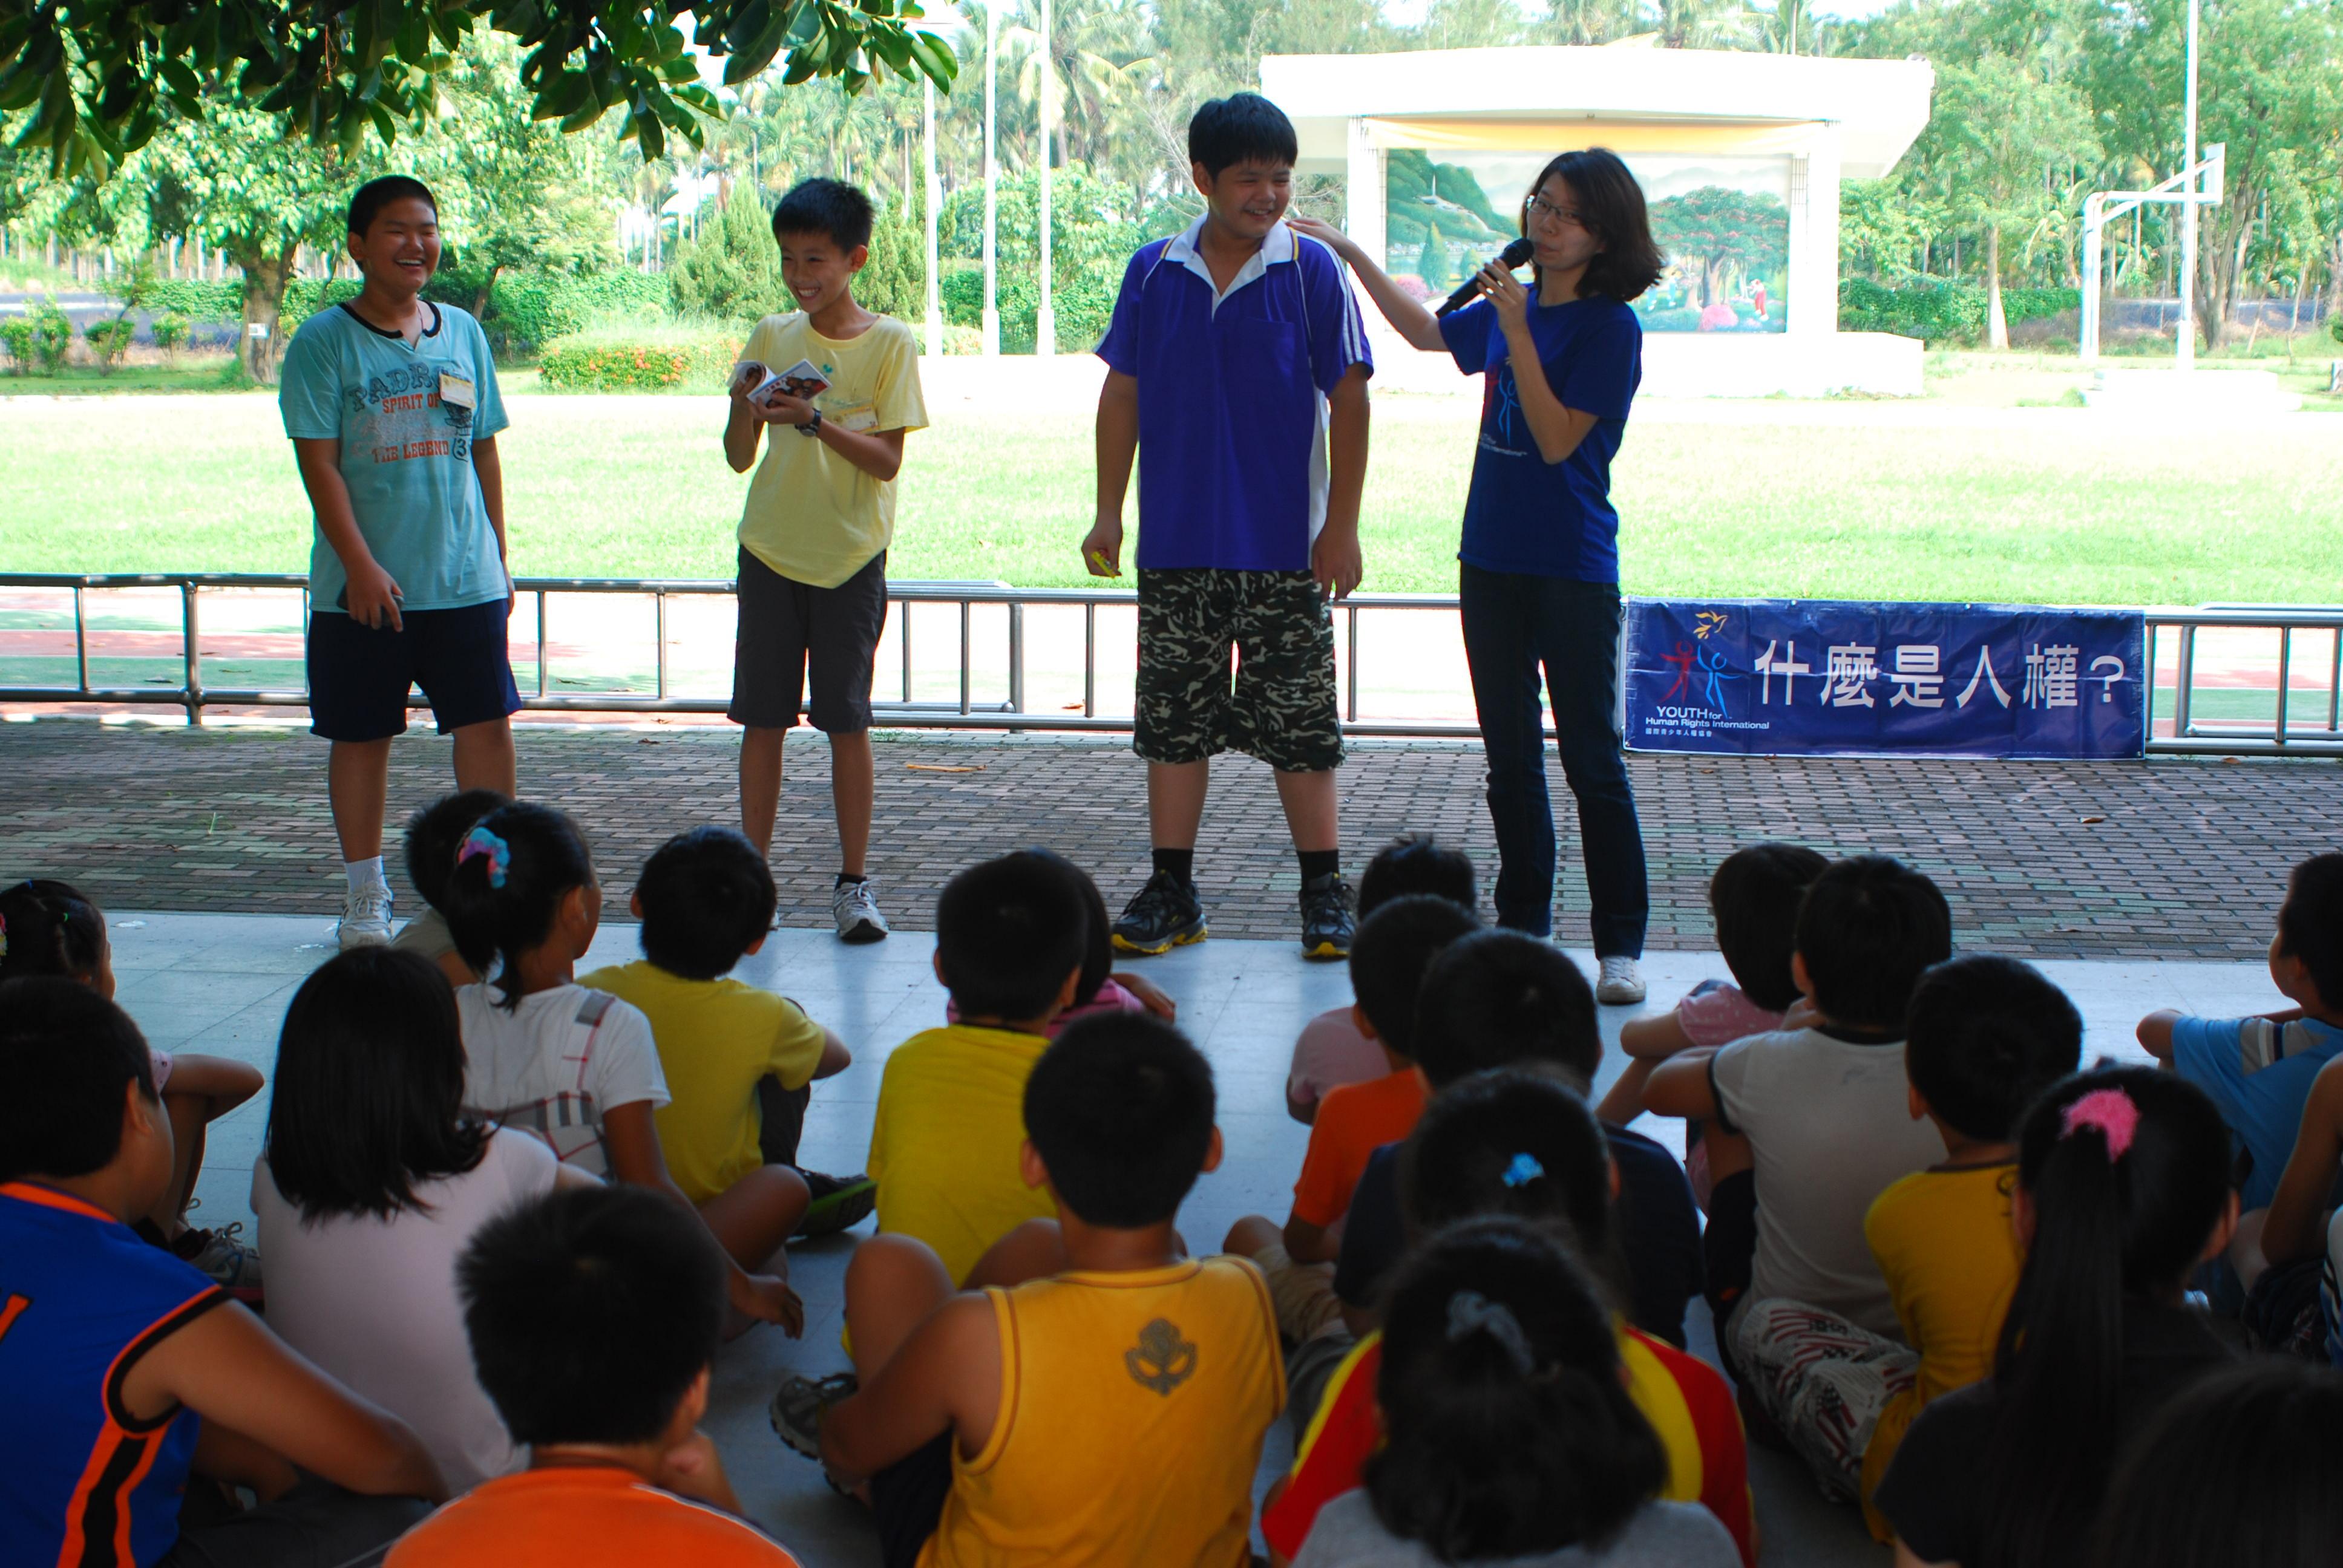 育樂營人權小遊戲 激勵孩童要團結